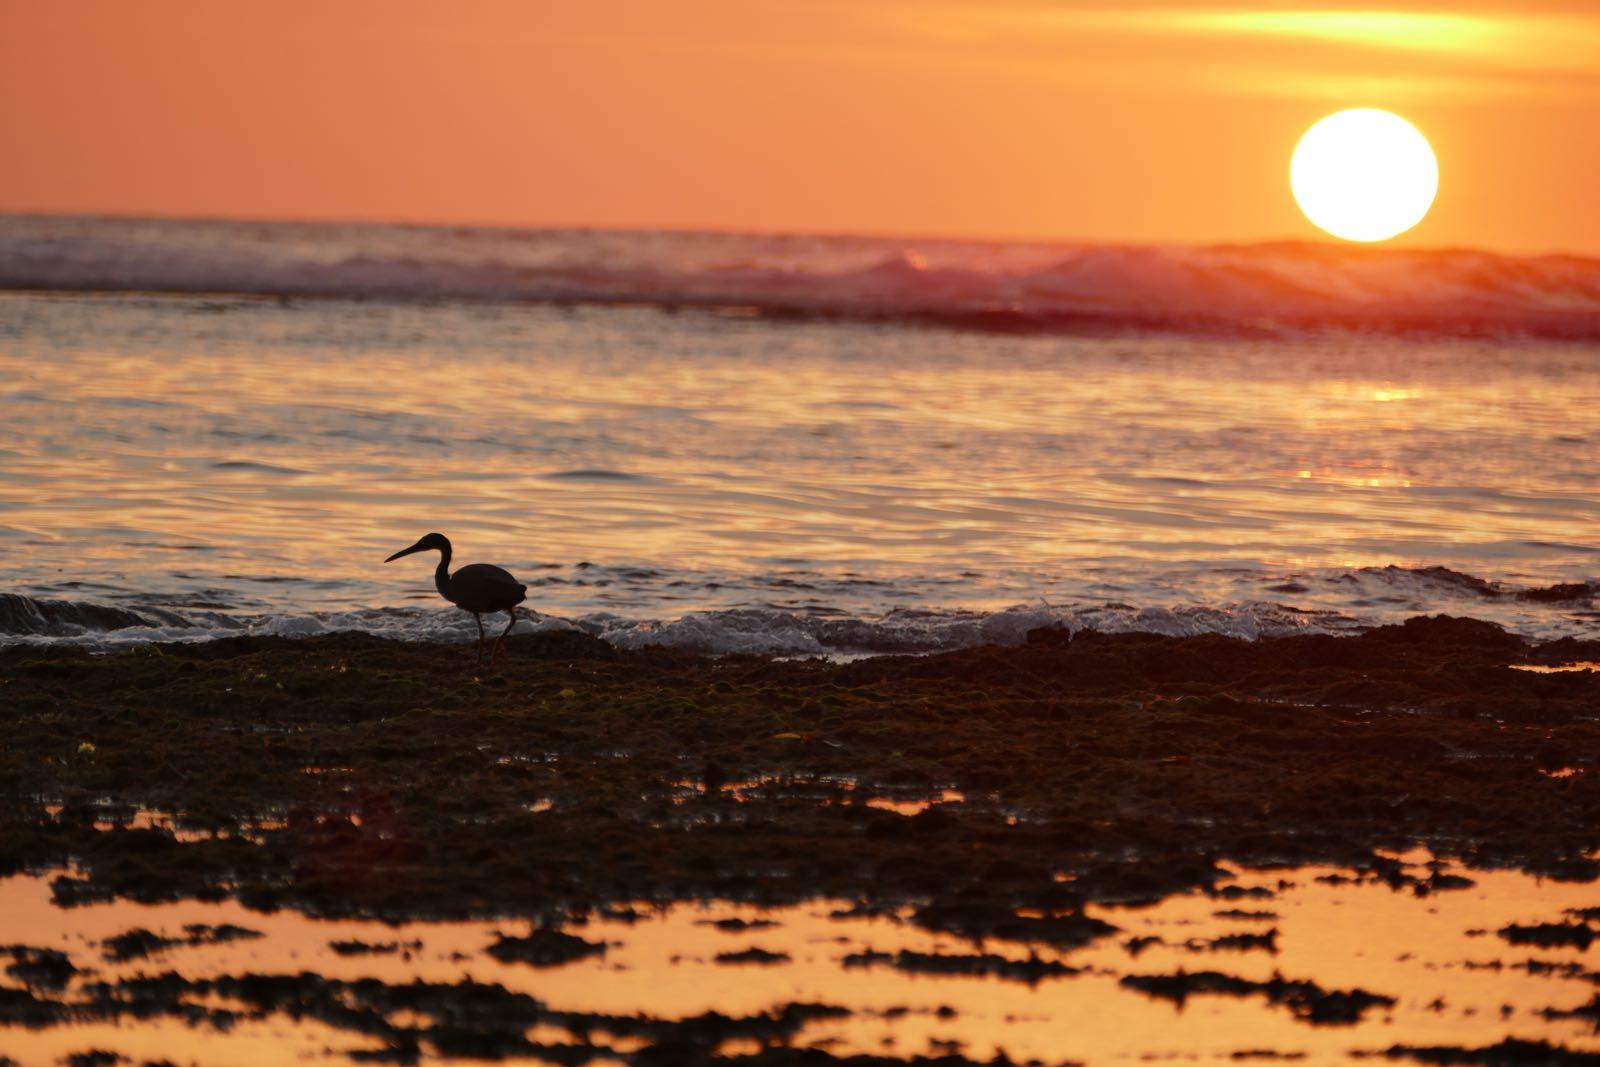 Sonnenuntergang Nyang Nyang Beach, Bali